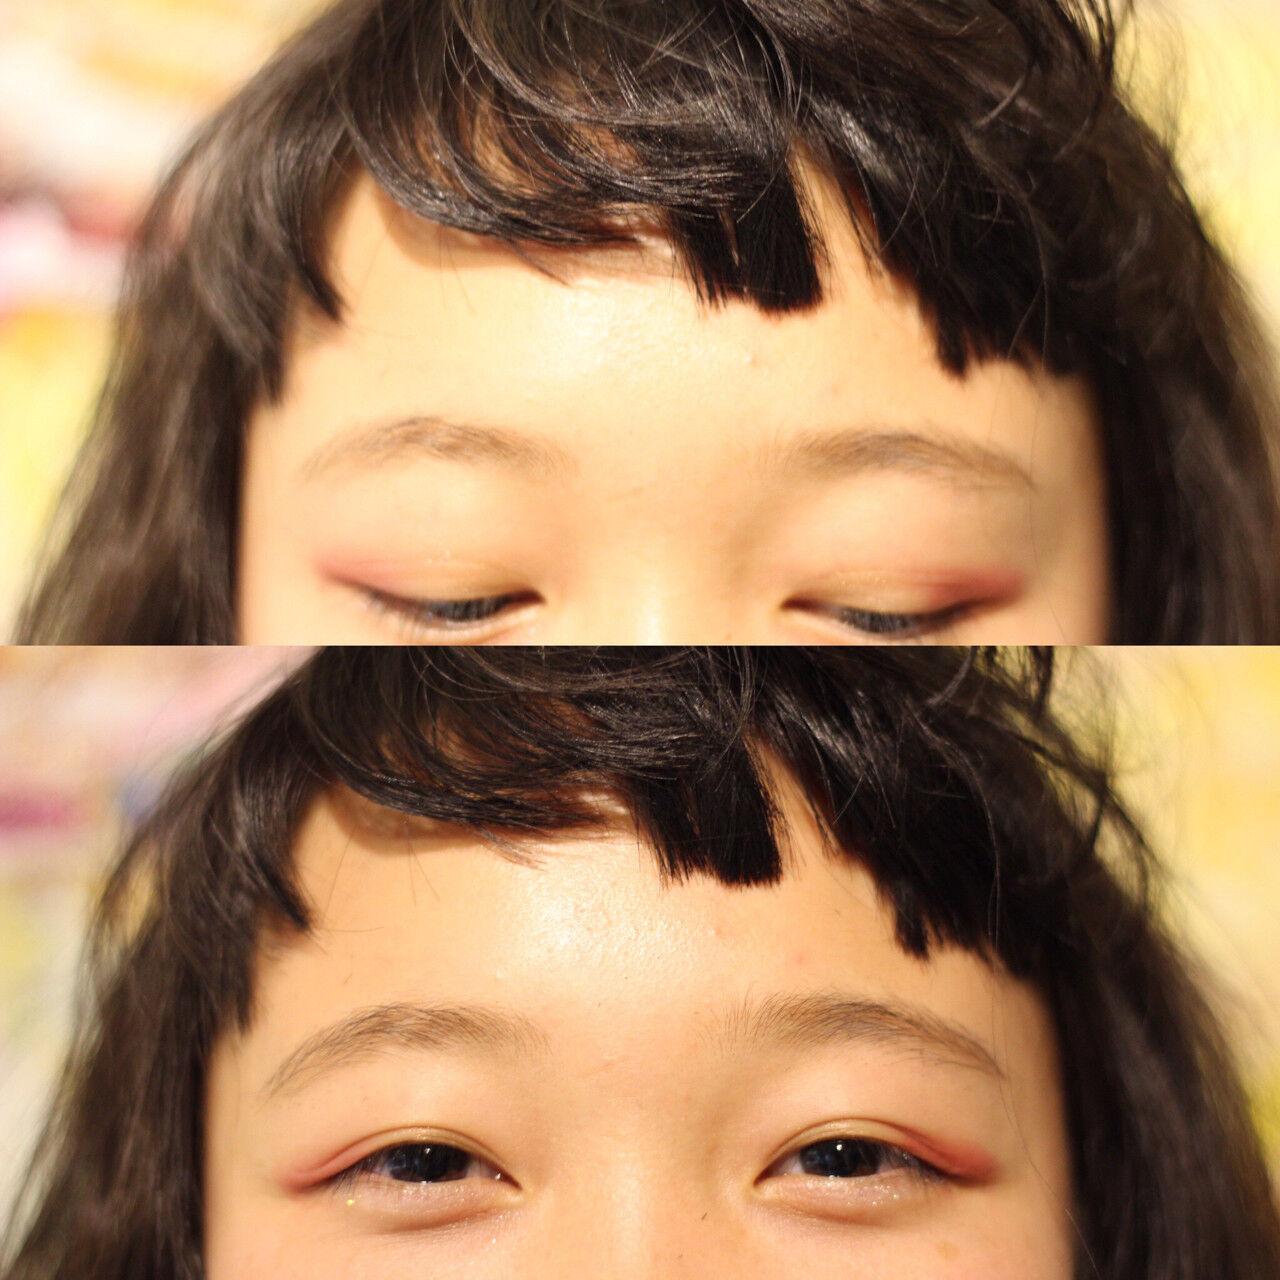 シースルーバング オン眉 ストレート 前髪パーマヘアスタイルや髪型の写真・画像